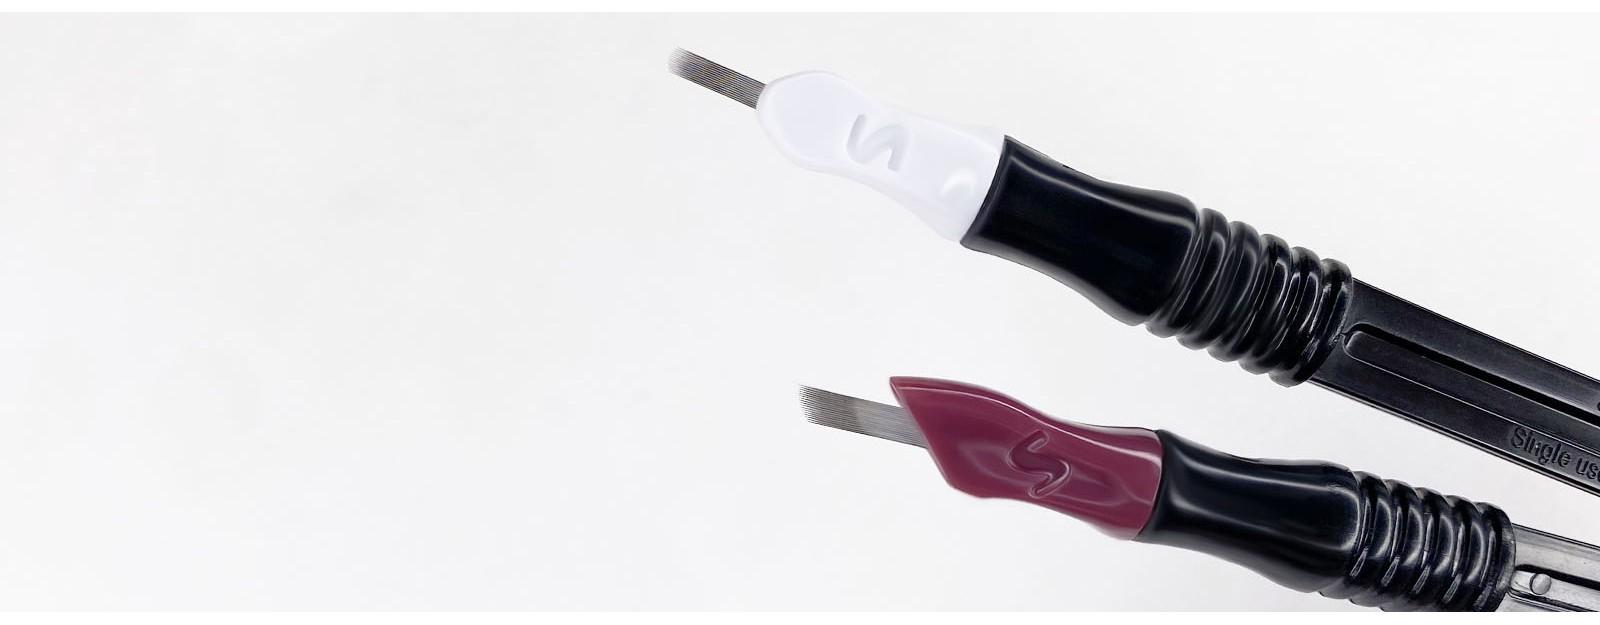 New Nano Needles